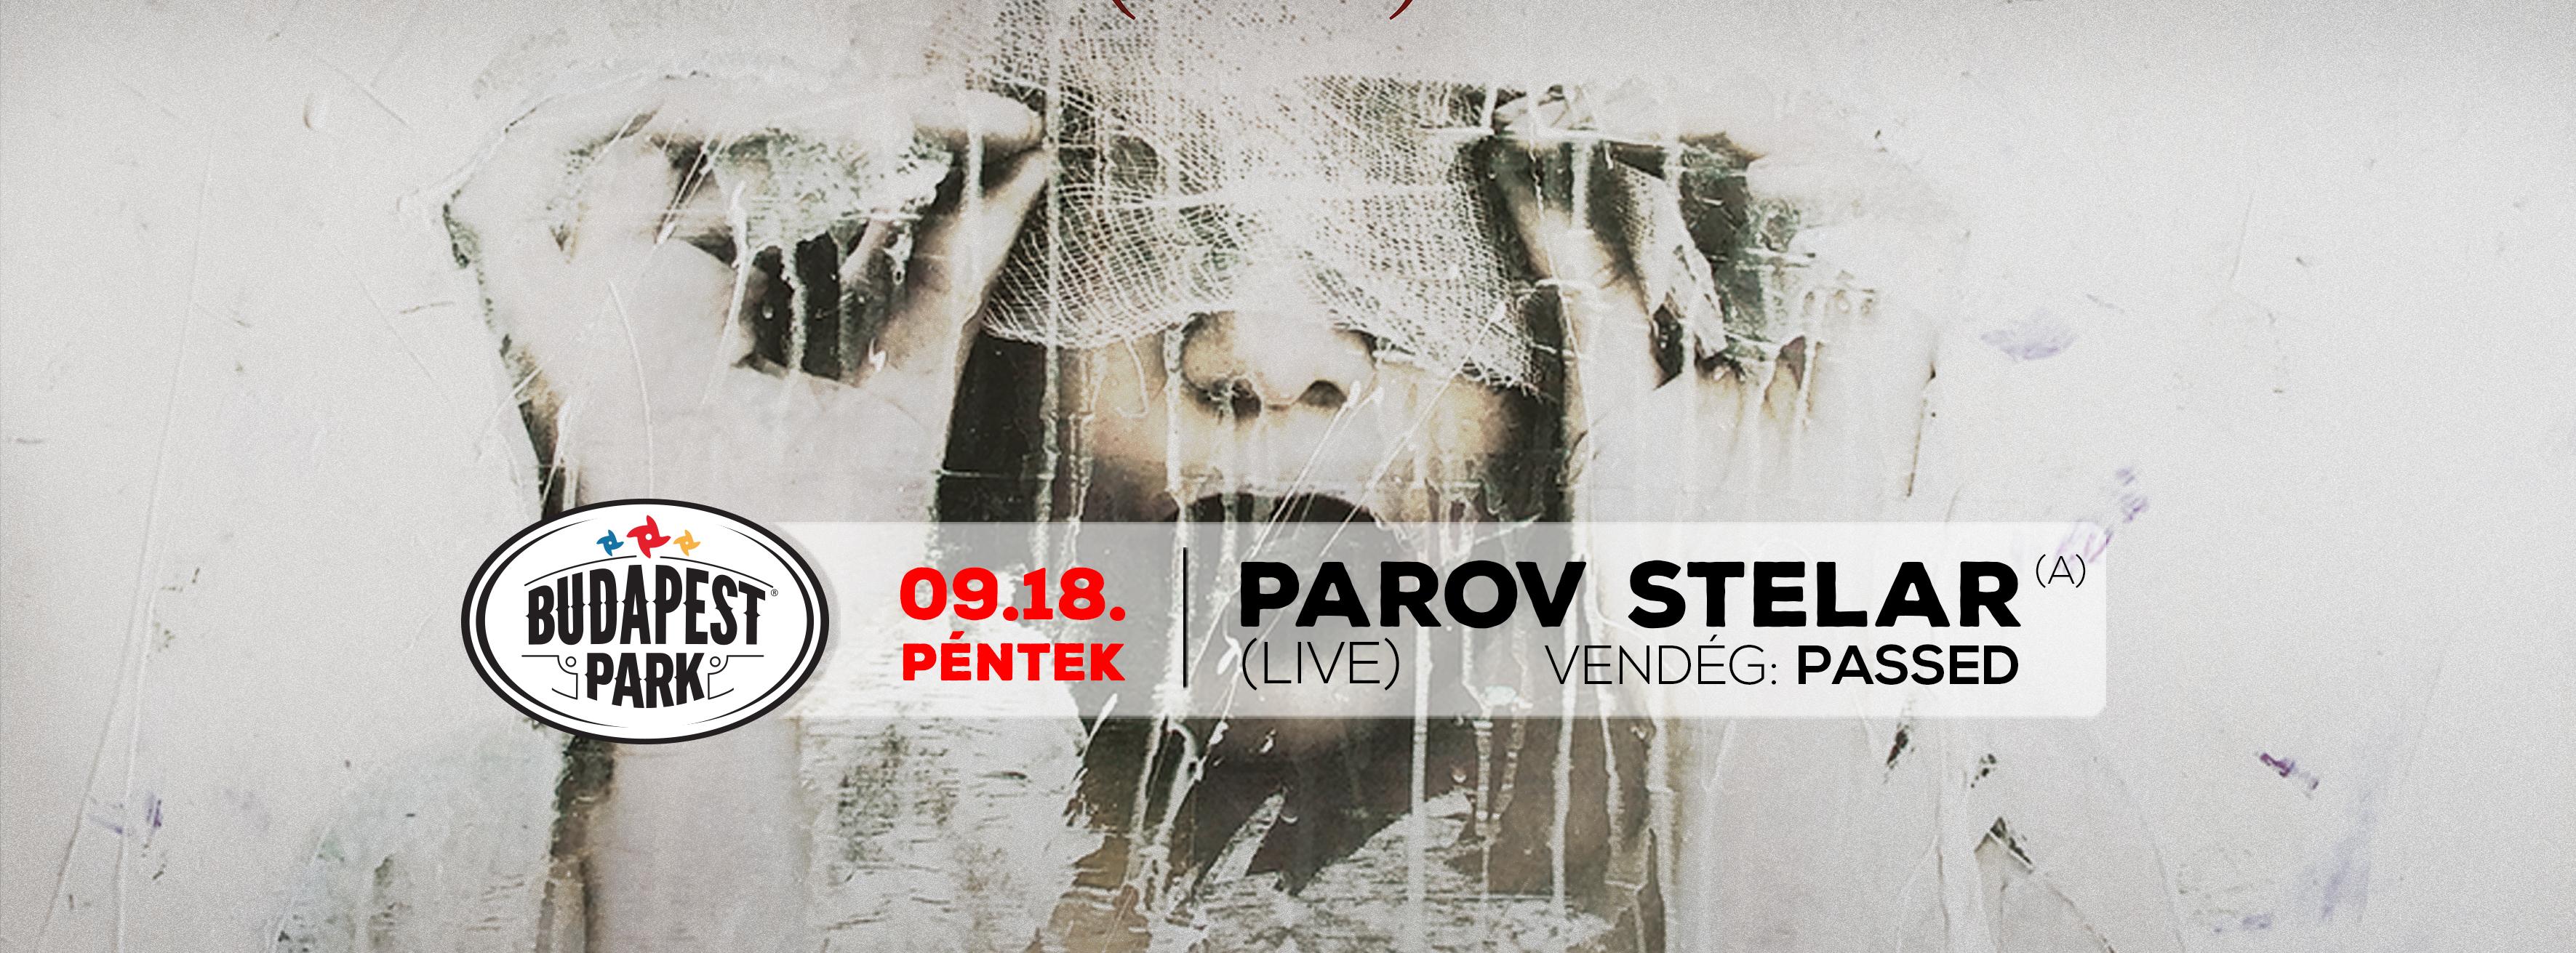 parov-fbcover-0715_1.jpg